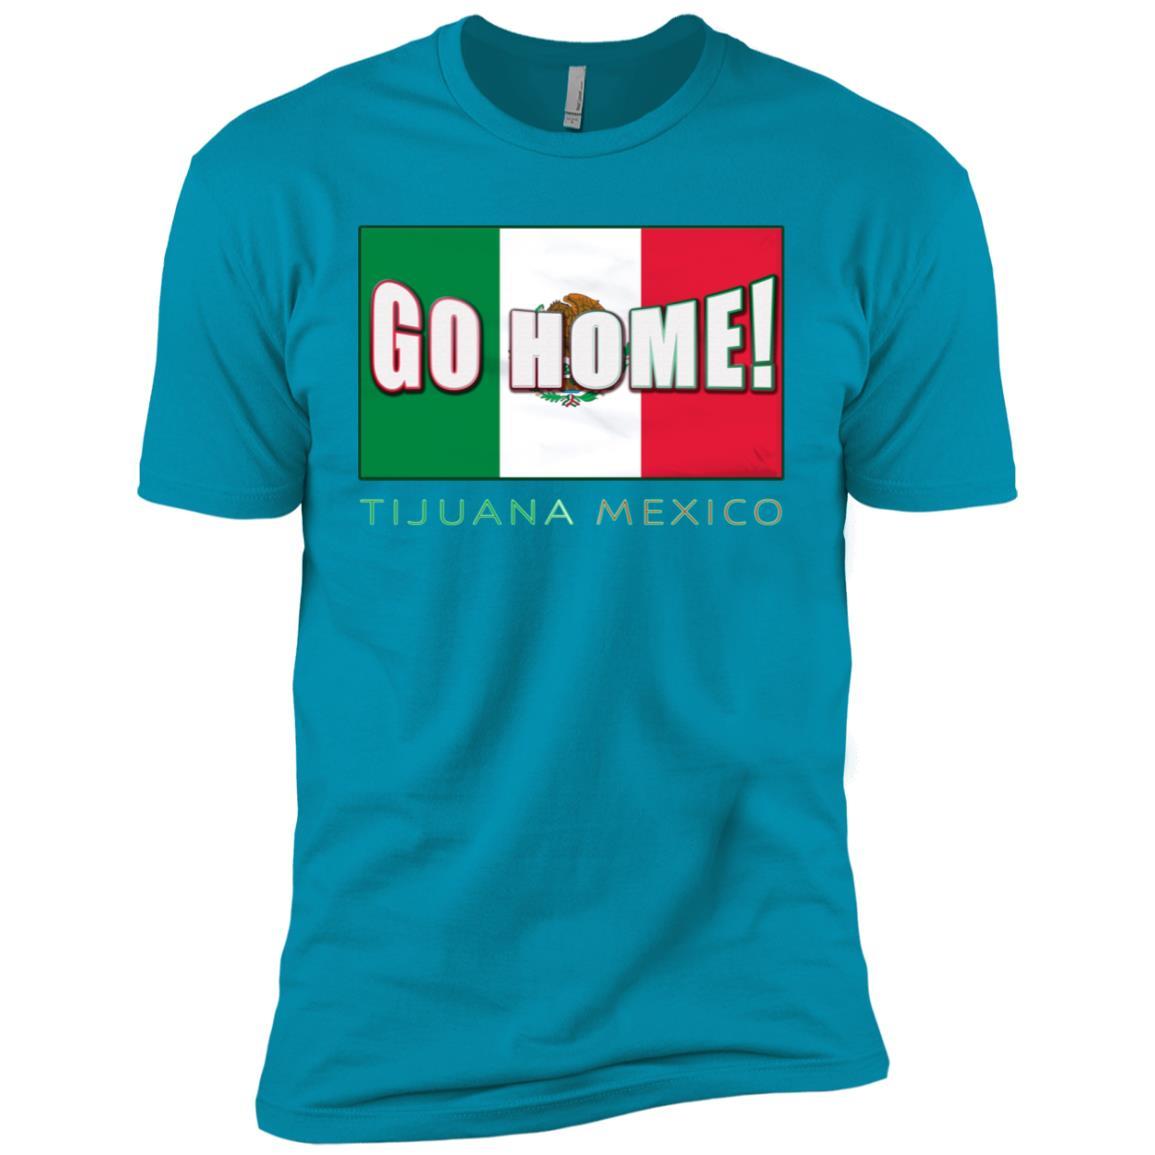 Make Tijuana Mexico Great Again Funny Gift Idea -1 Men Short Sleeve T-Shirt